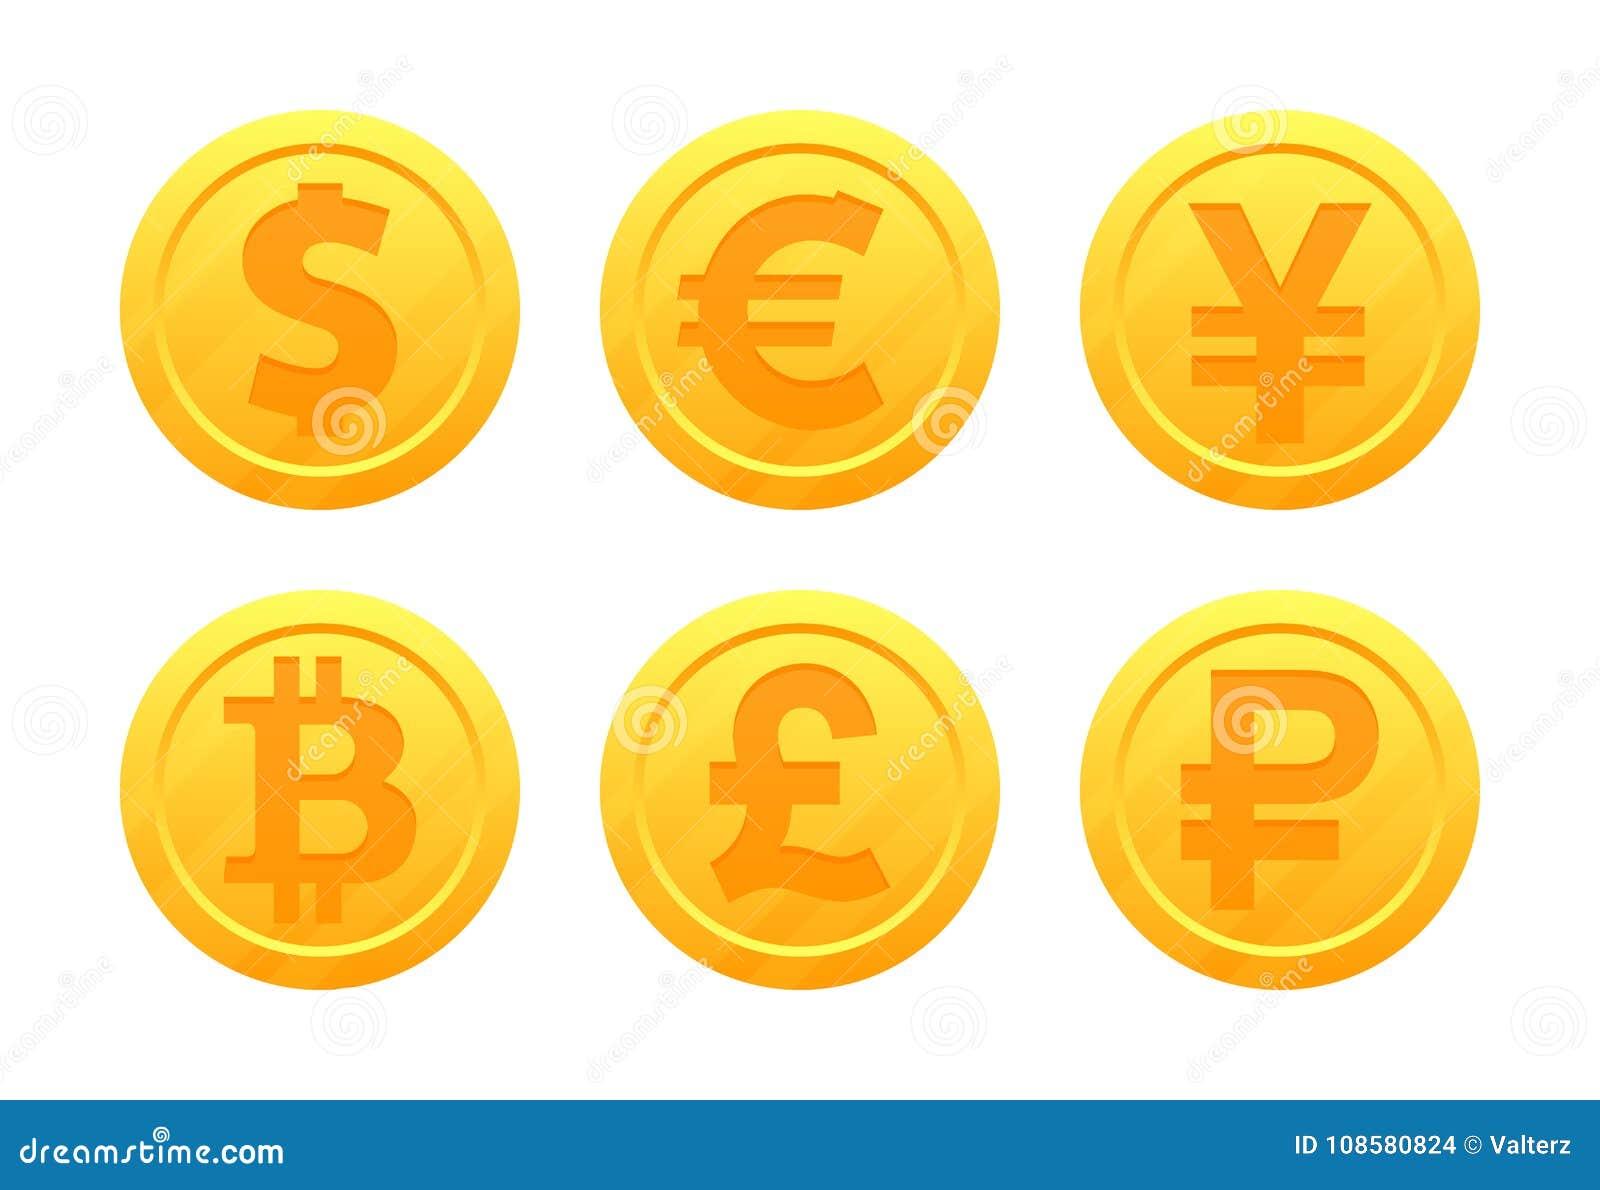 Символы валюты мира в форме золотых монеток с знаками: доллар, евро, фунт, рубль, иена, bitcoin, юань